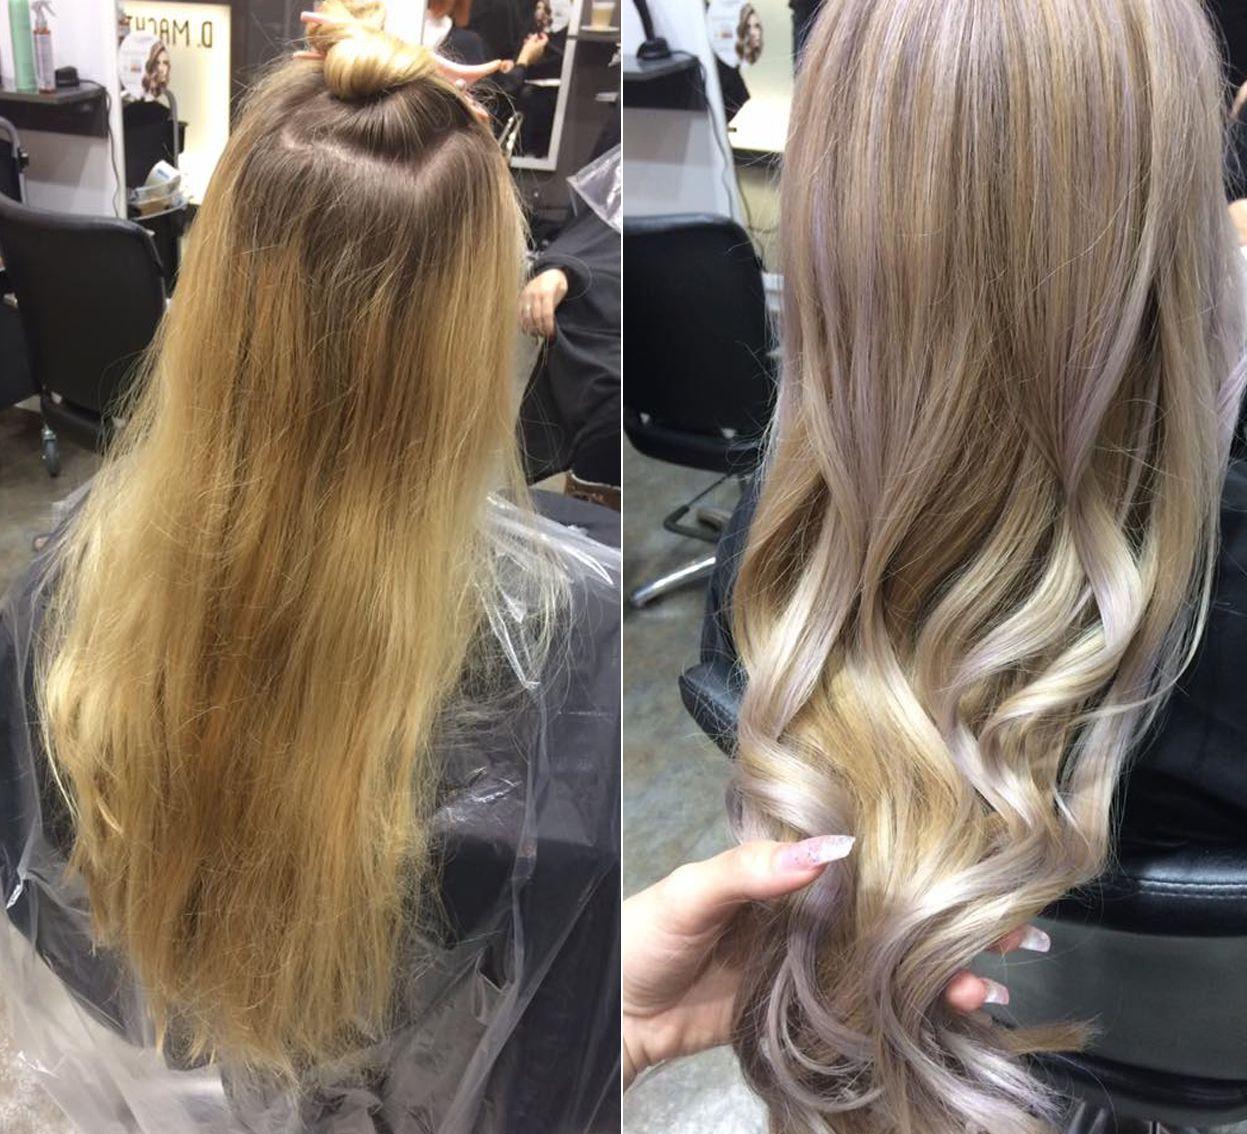 Einzigartig Haarfarben Trends 2018 Das Beste Von Frisuren Vorher-nachher, Kreative Haarfarben, Pastell Haare, Langhaar,